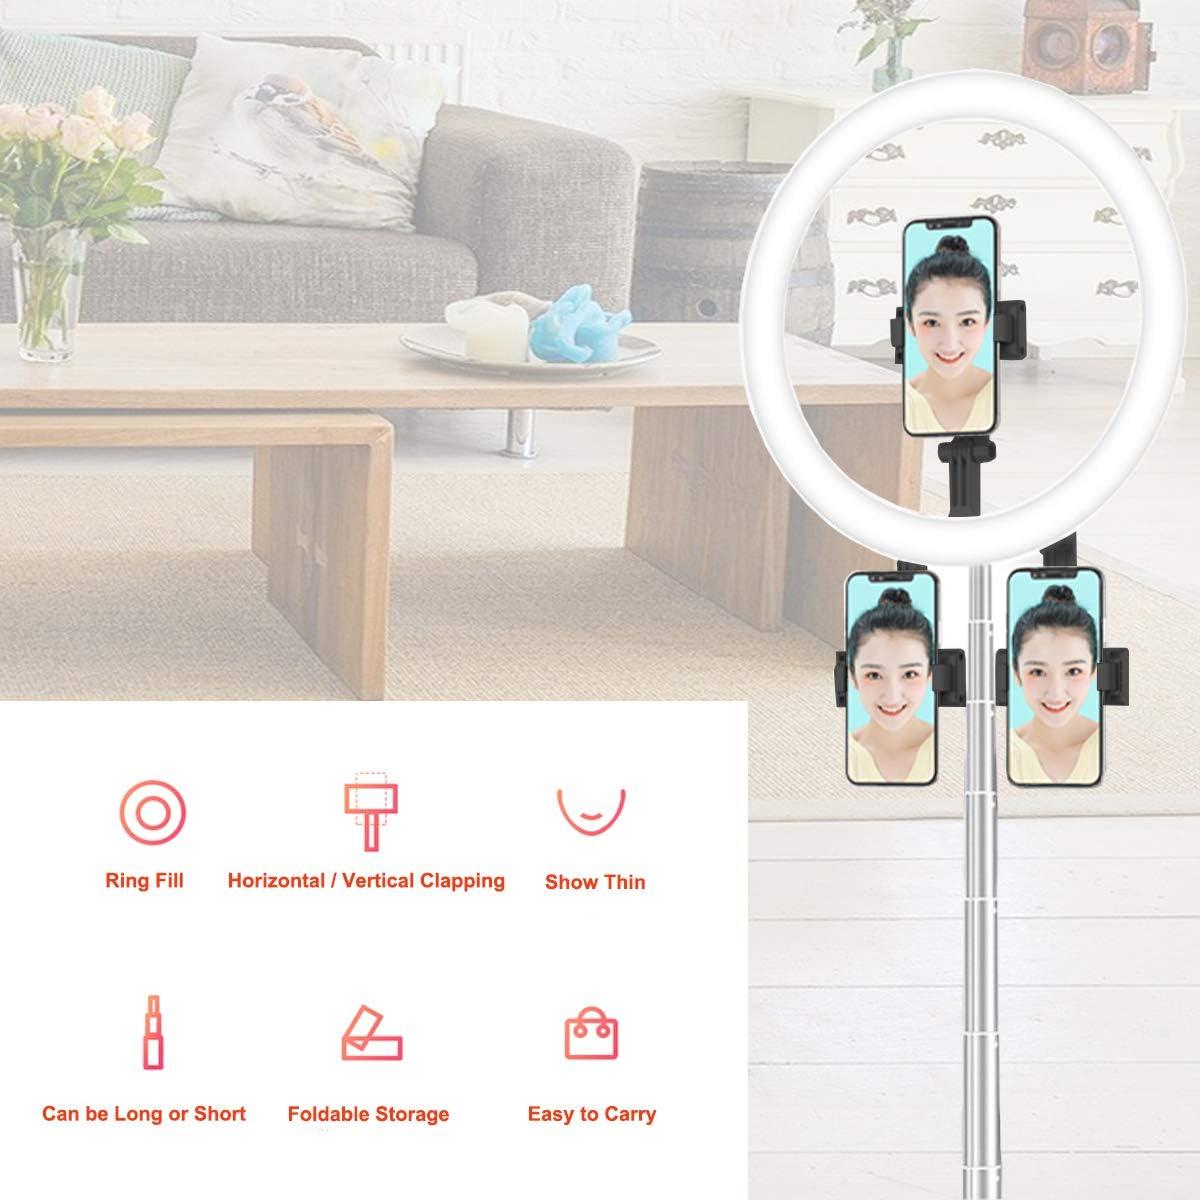 3 Modos de Color alimentaci/ón USB 65 Pulgadas de Alto 10 Niveles de Brillo Anillo de luz LED Plegable de 10 Pulgadas con Soporte para tel/éfono 240 Bombillas Regulables